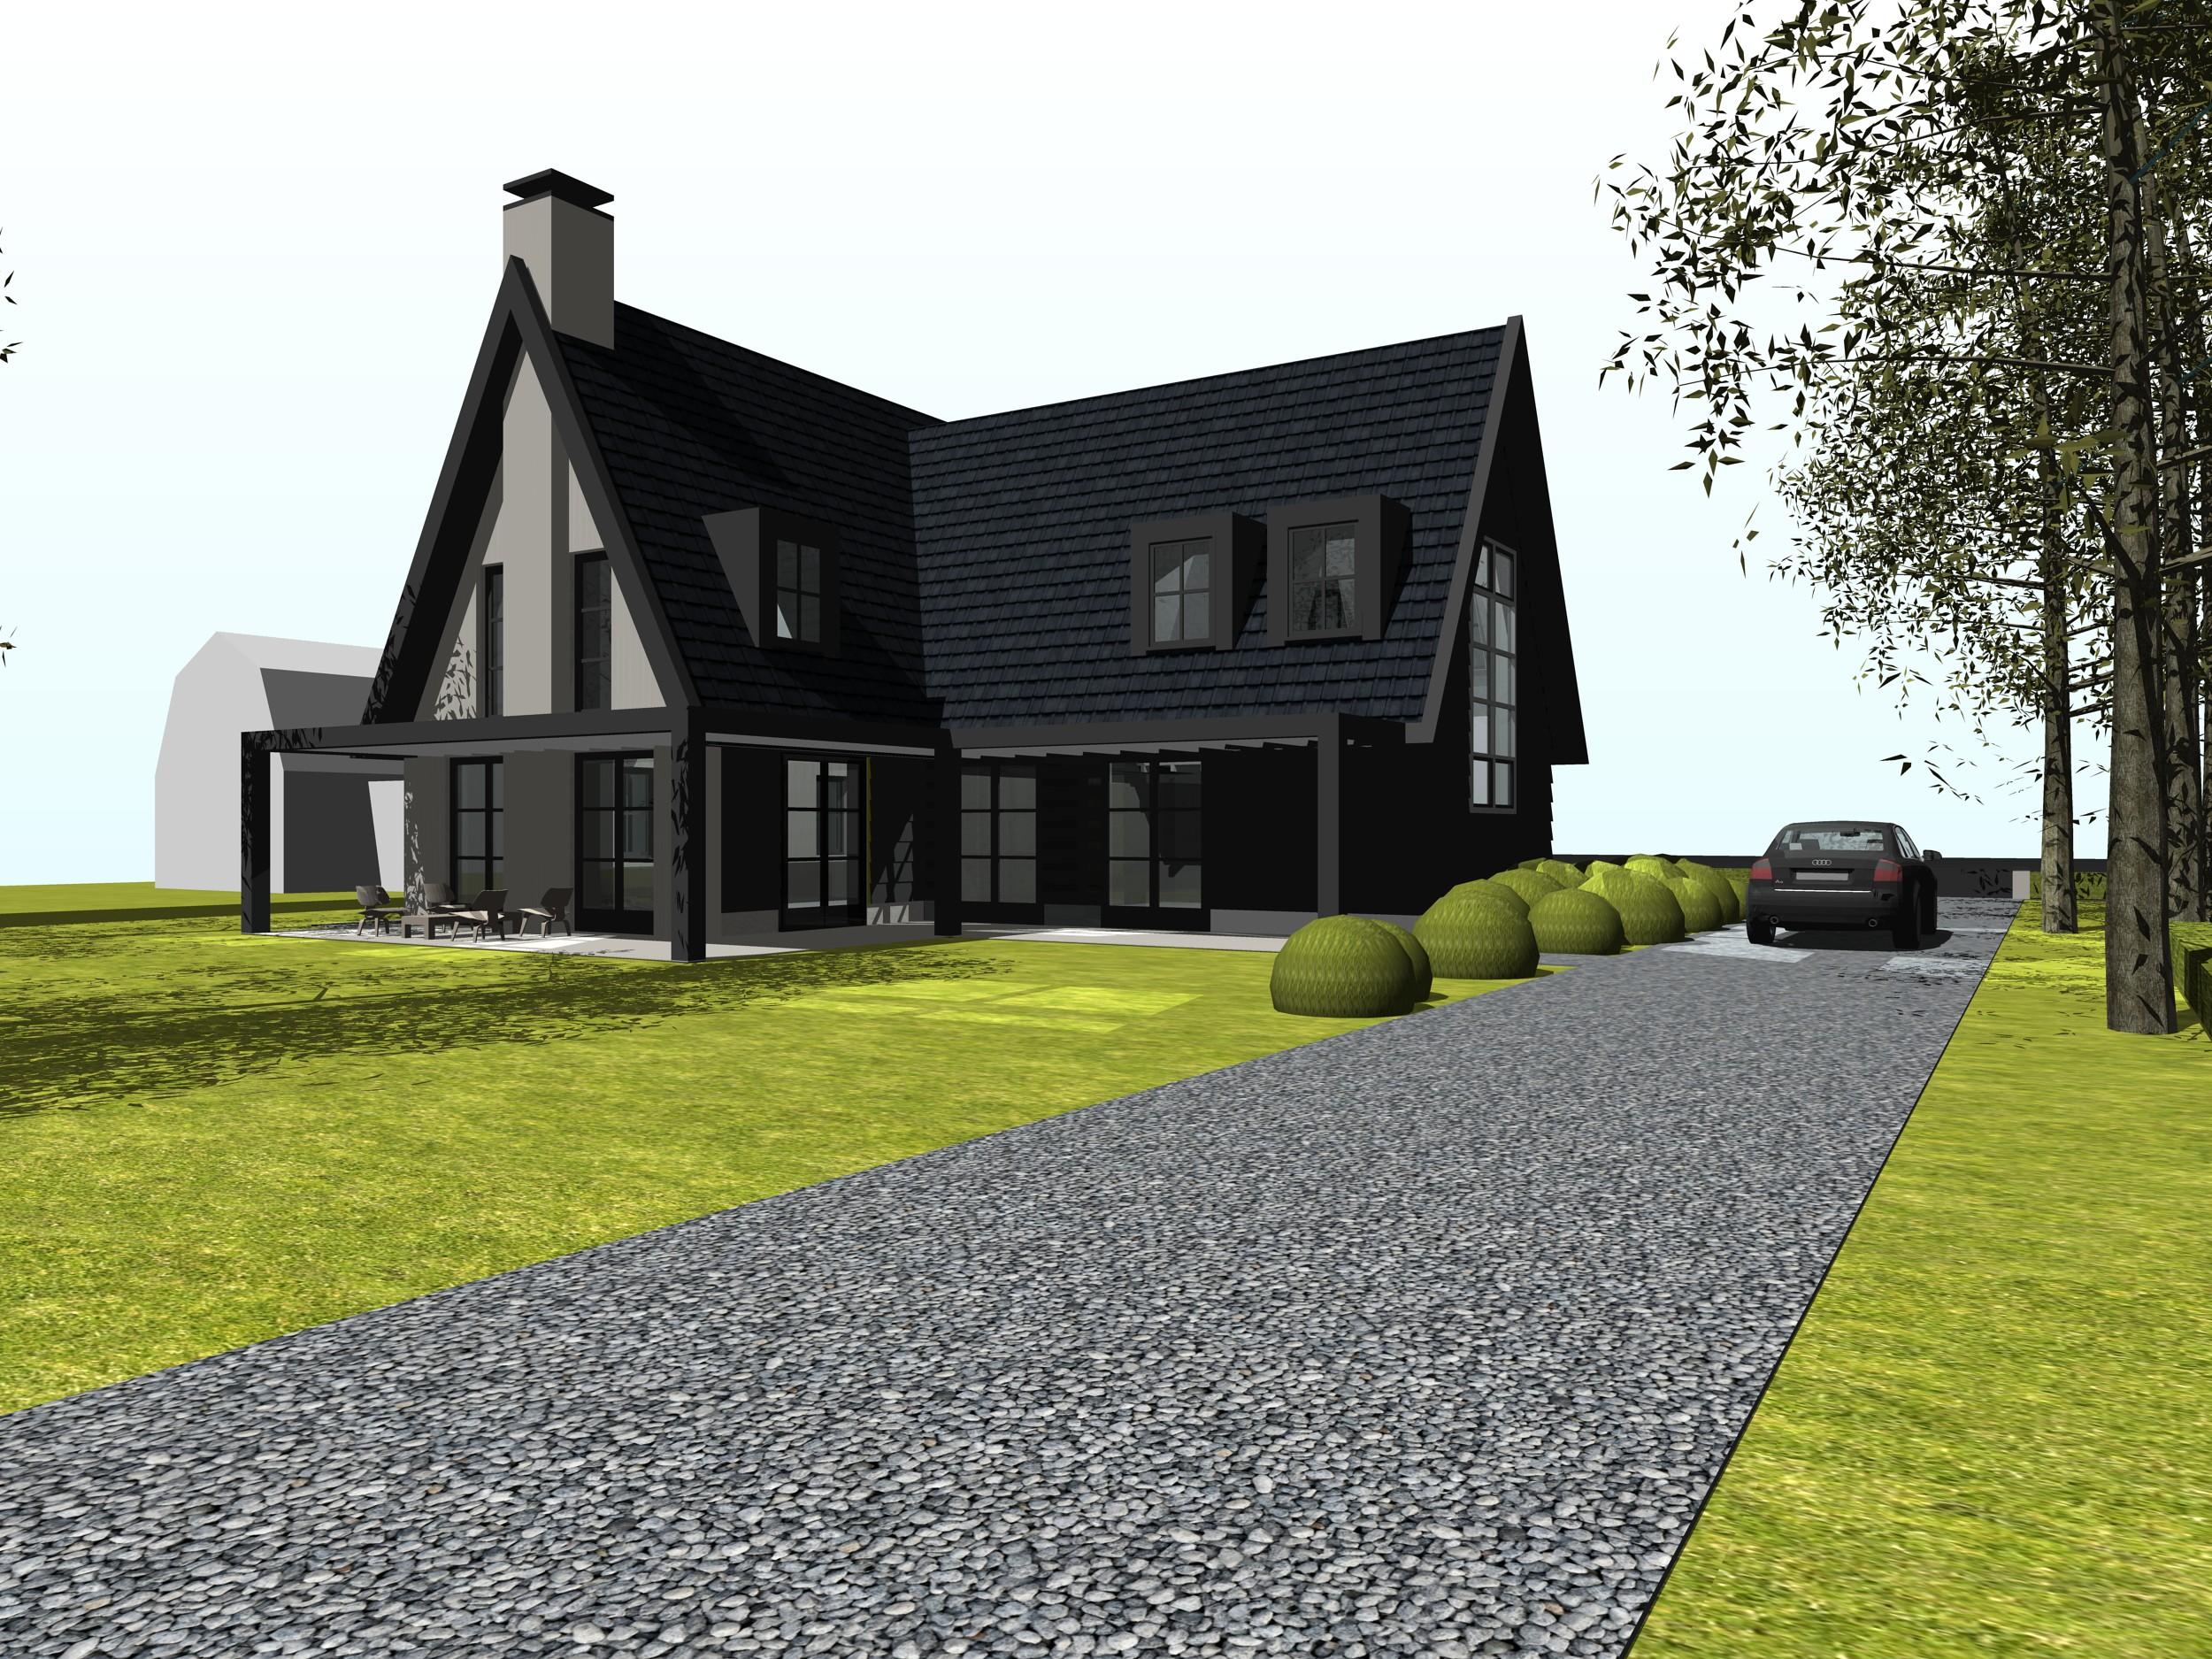 Populair moderne architectuur woonhuizen bk43 belbin info for Moderne villa architectuur